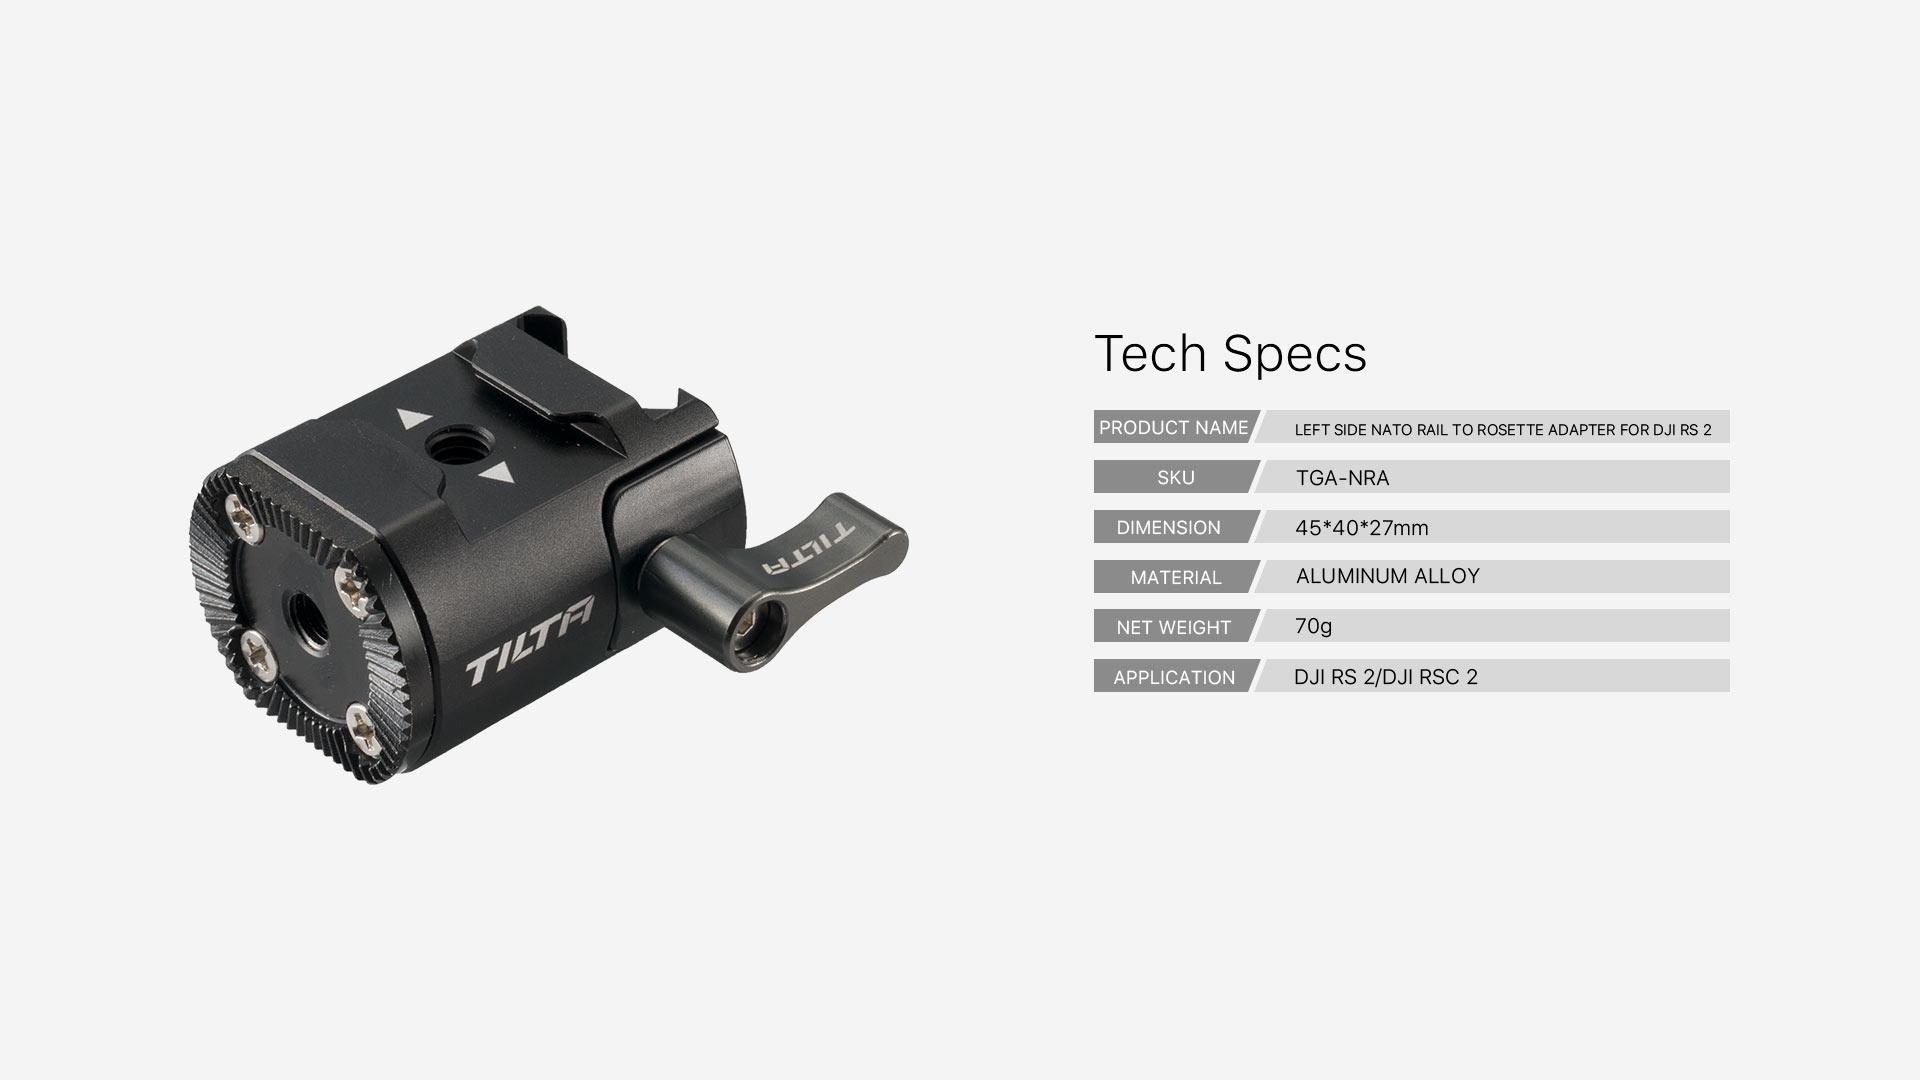 TGA-NRA tech specs